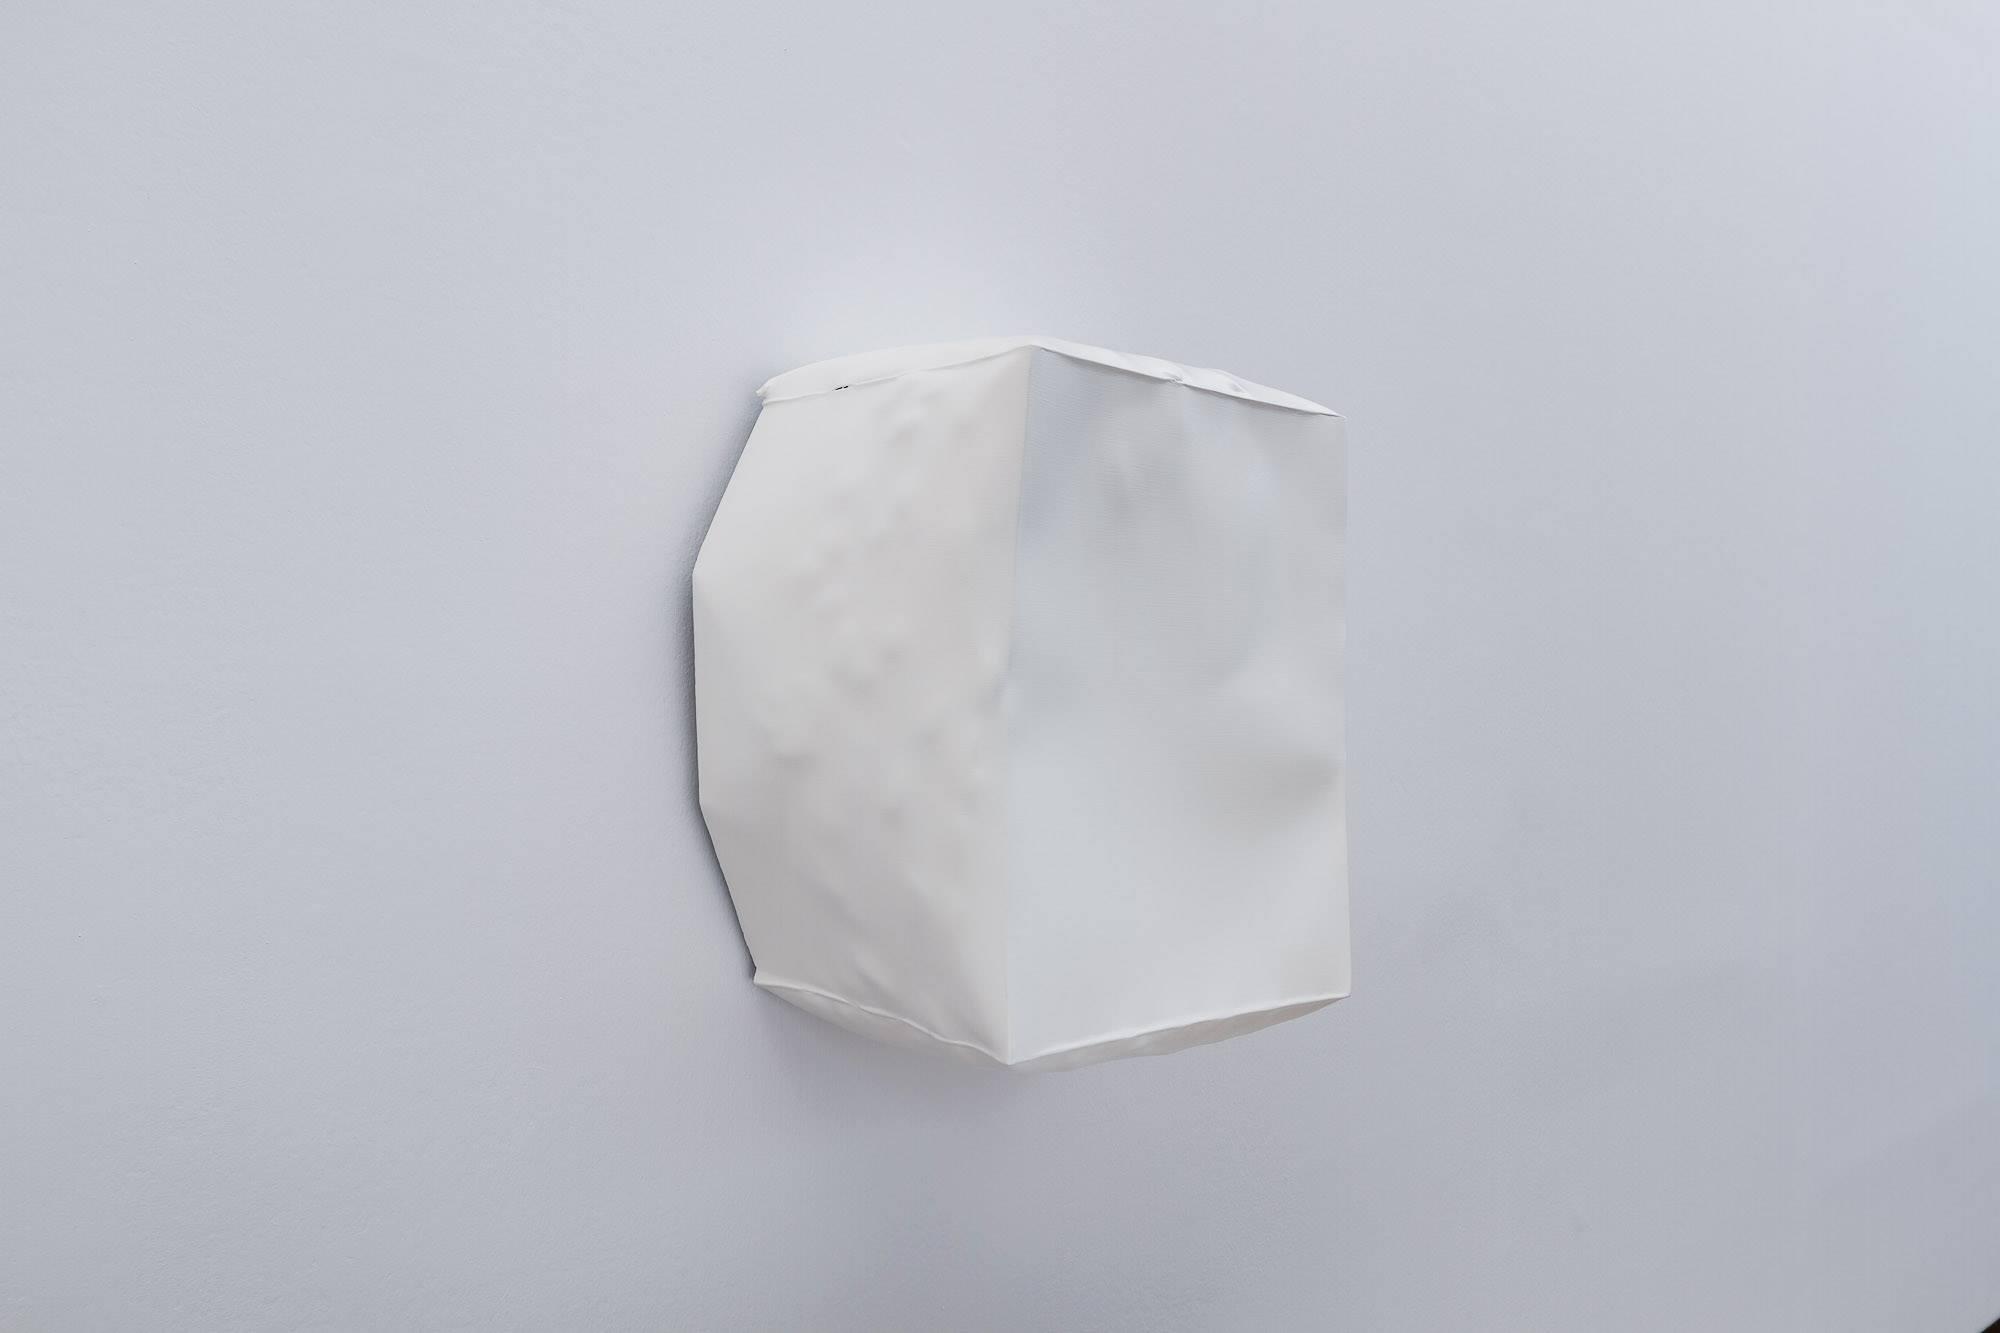 Ángela de la Cruz (2015) - Escombros / Debris